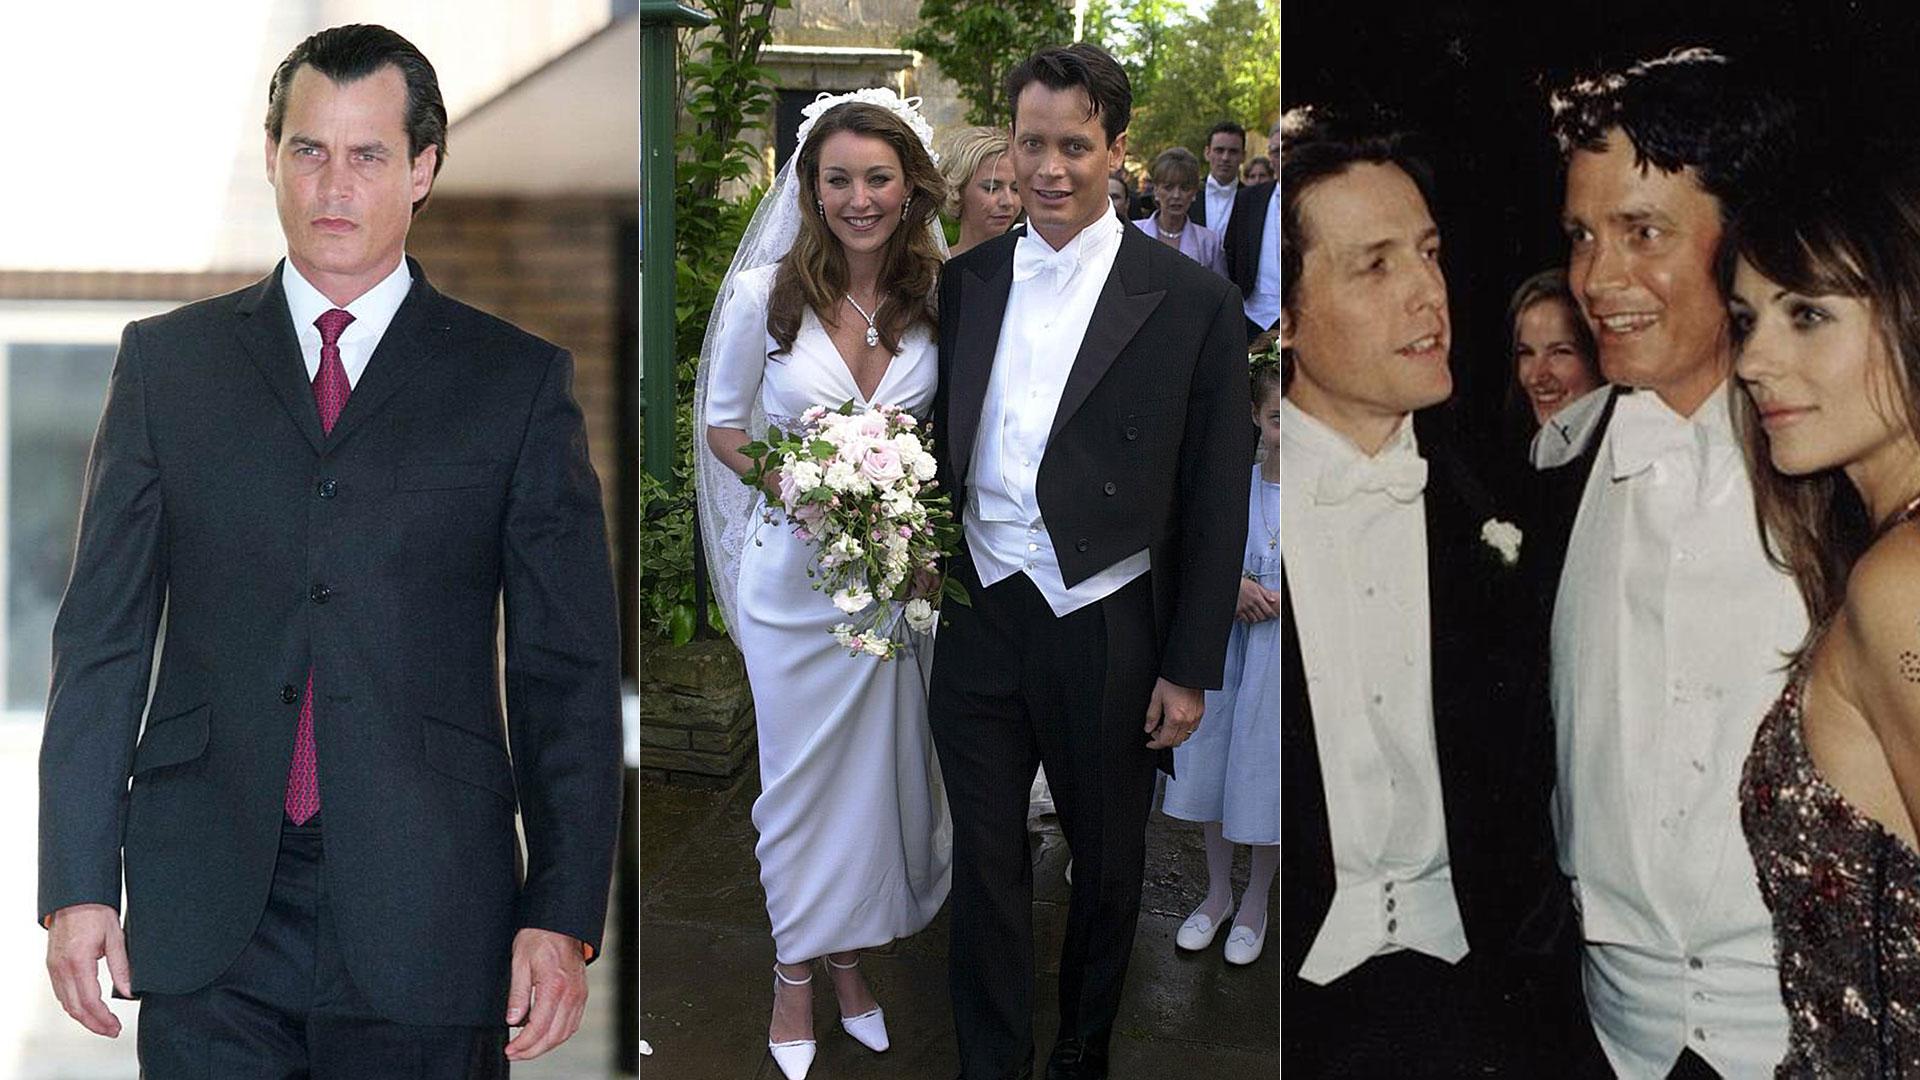 Matthew Mellon en diferentes momentos de su vida: en 2006 durante un juicio, en su boda con Tamara Mellon en 2000 y en su fiesta con los invitados Hugh Grant y Liz Hurley